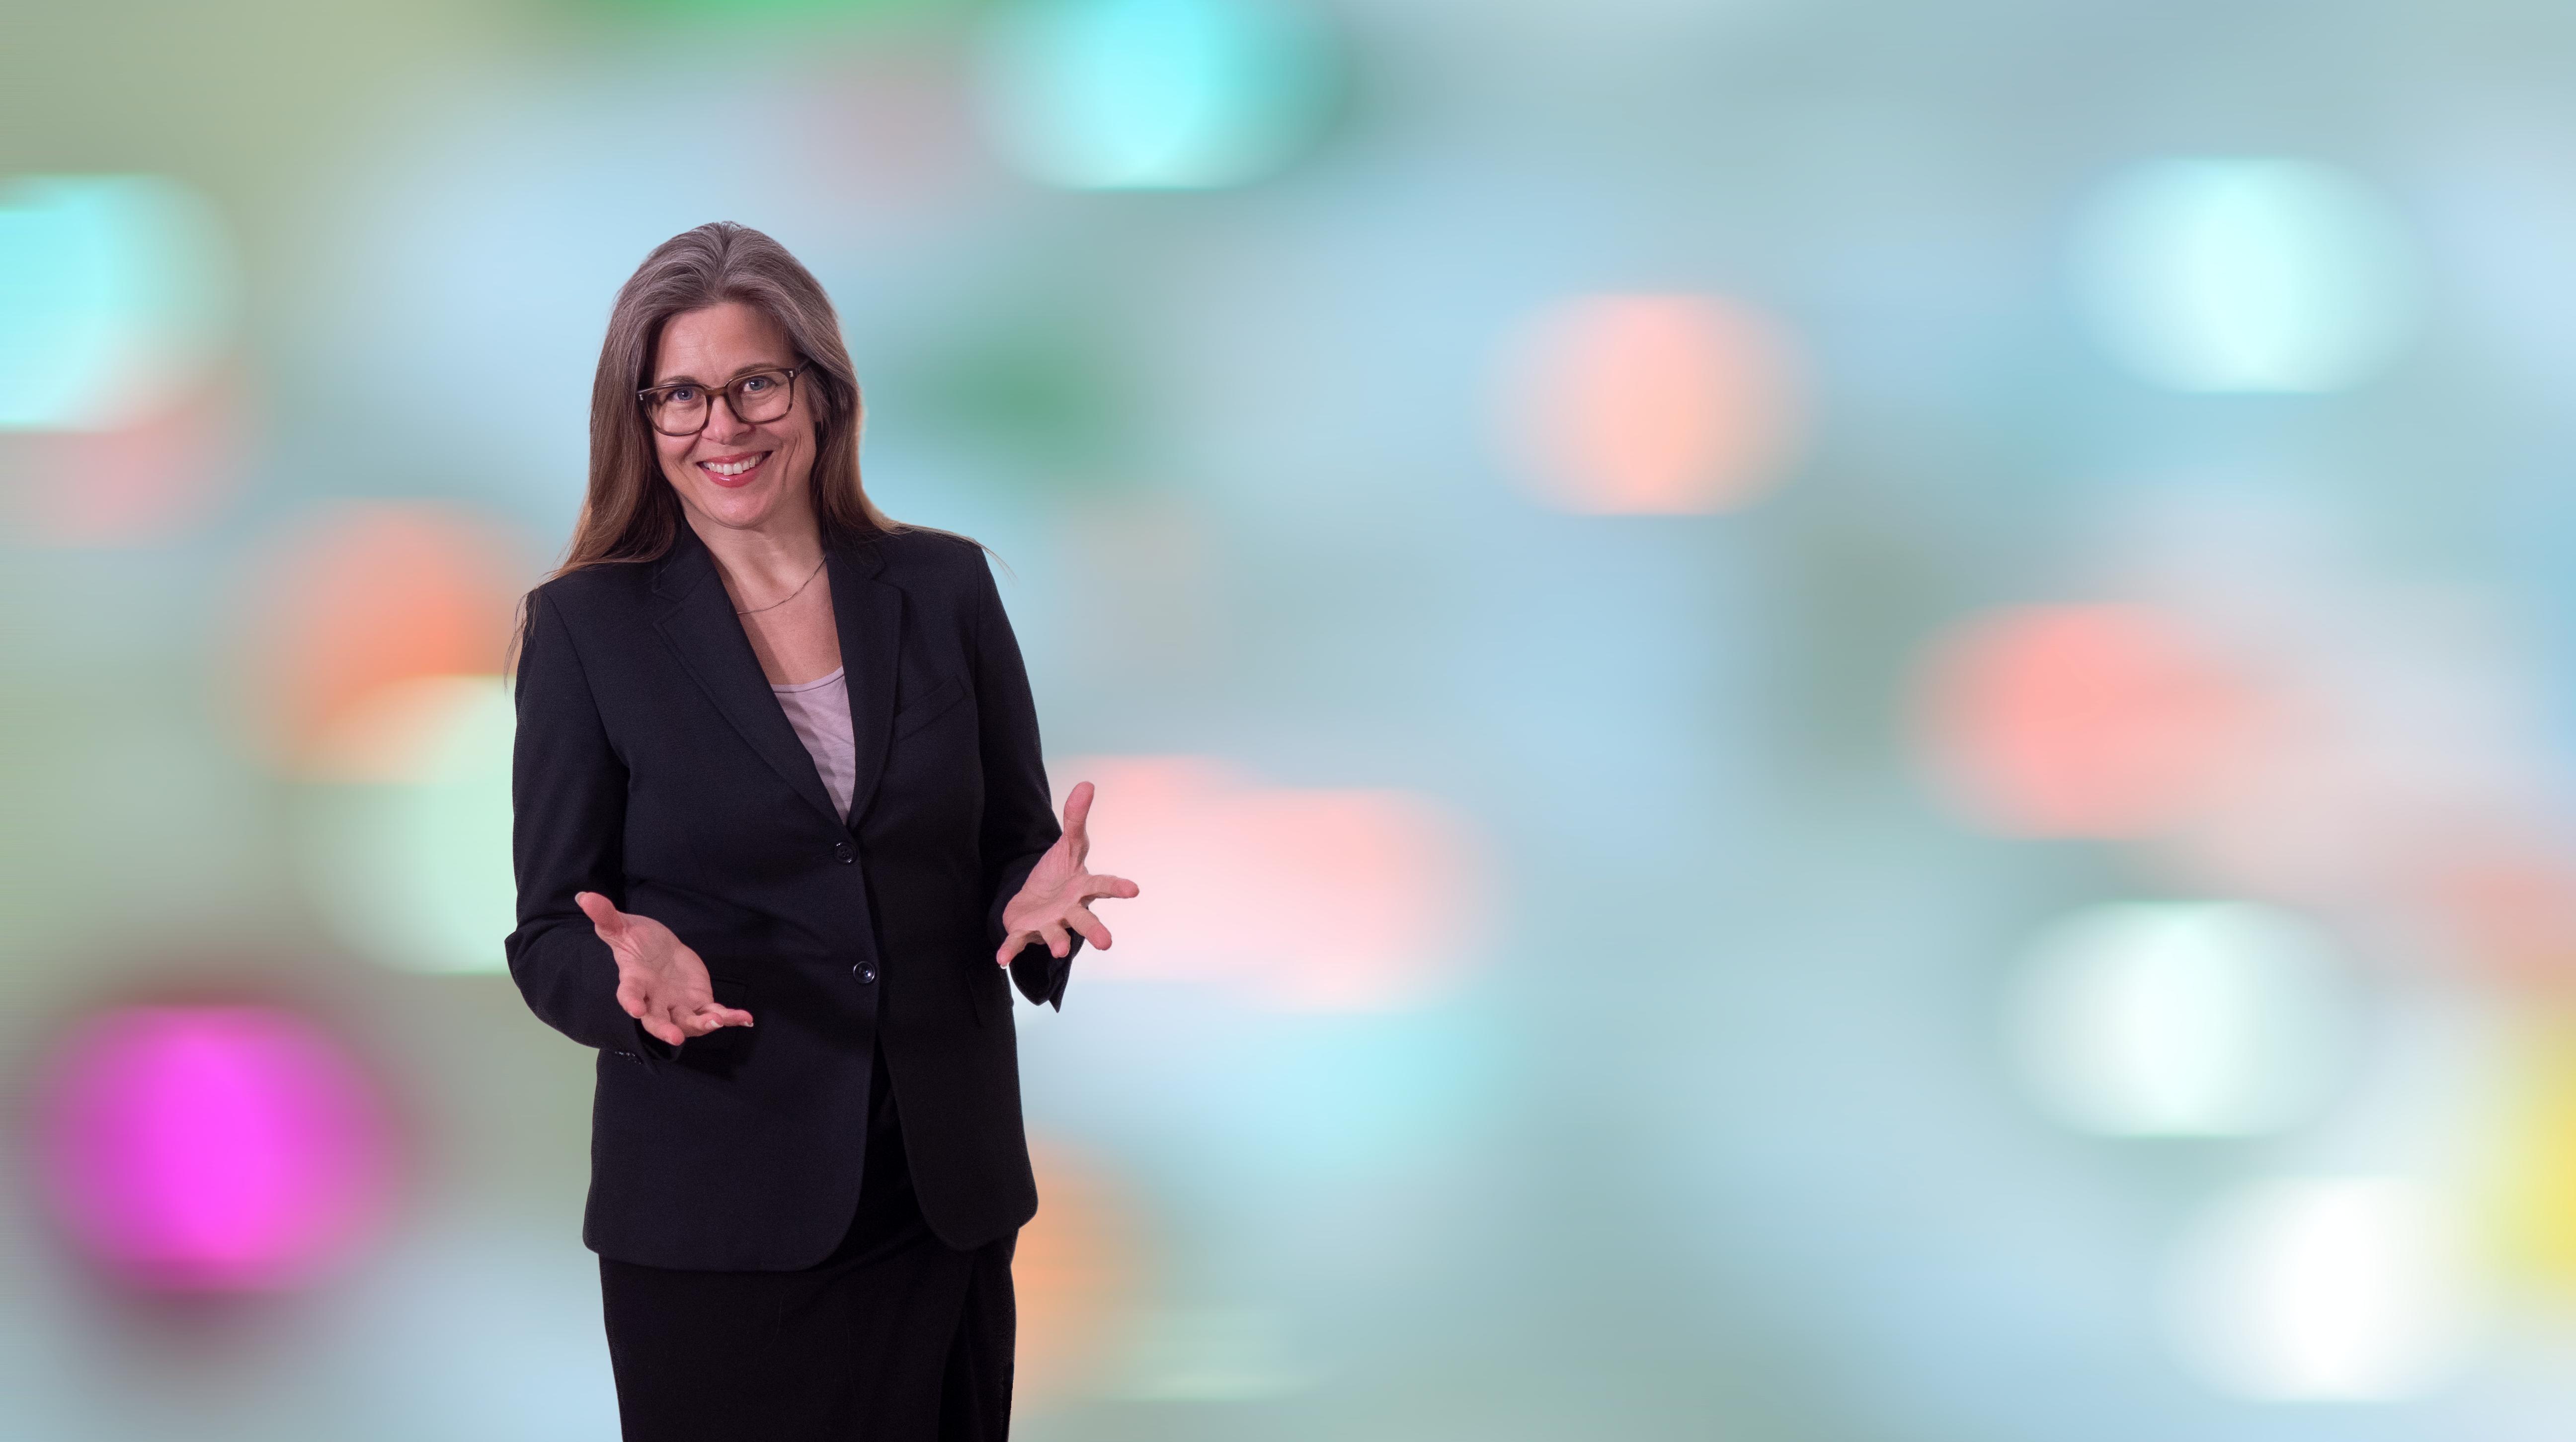 034. Maria Deckeman: Facilitating Collaboration at a World-Leading University